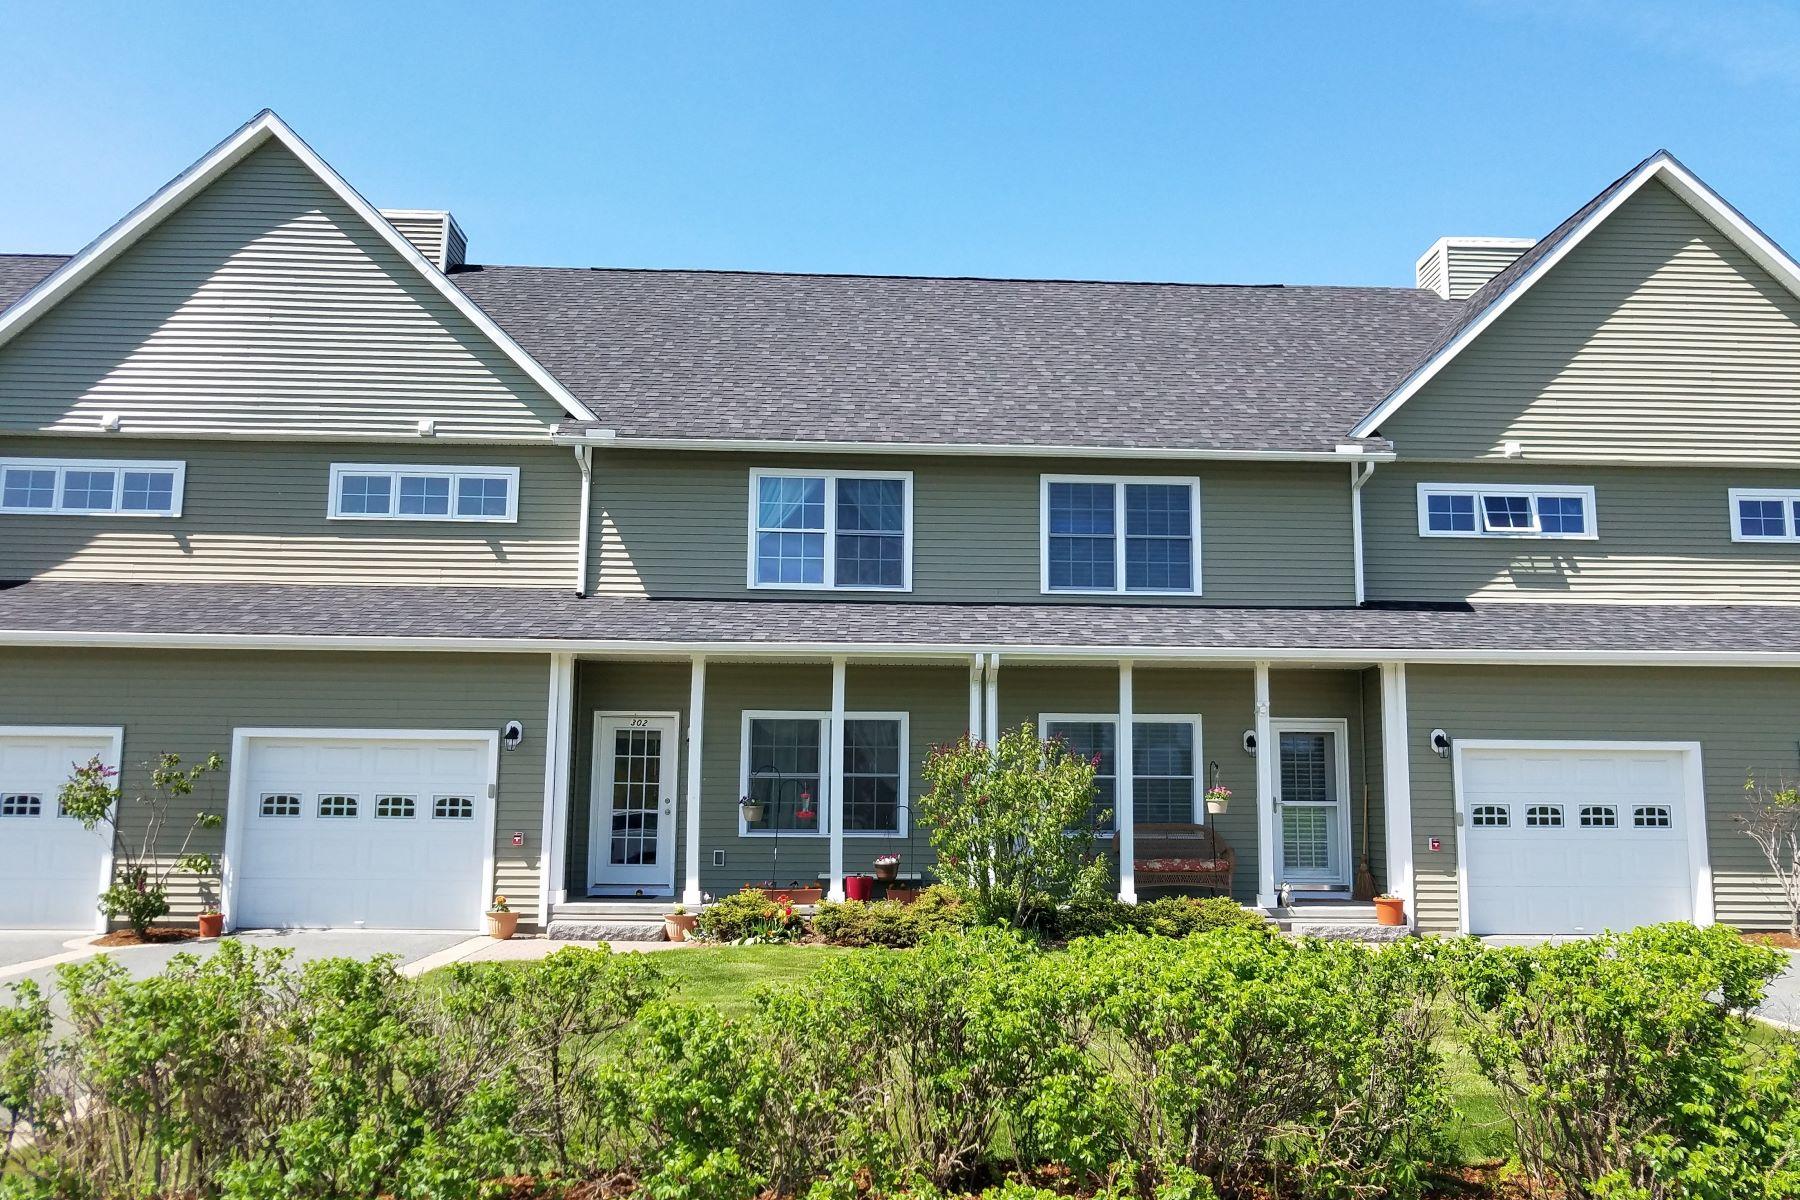 Condominium for Sale at 27 Rio Vista 303, Lebanon Lebanon, New Hampshire, 03766 United States